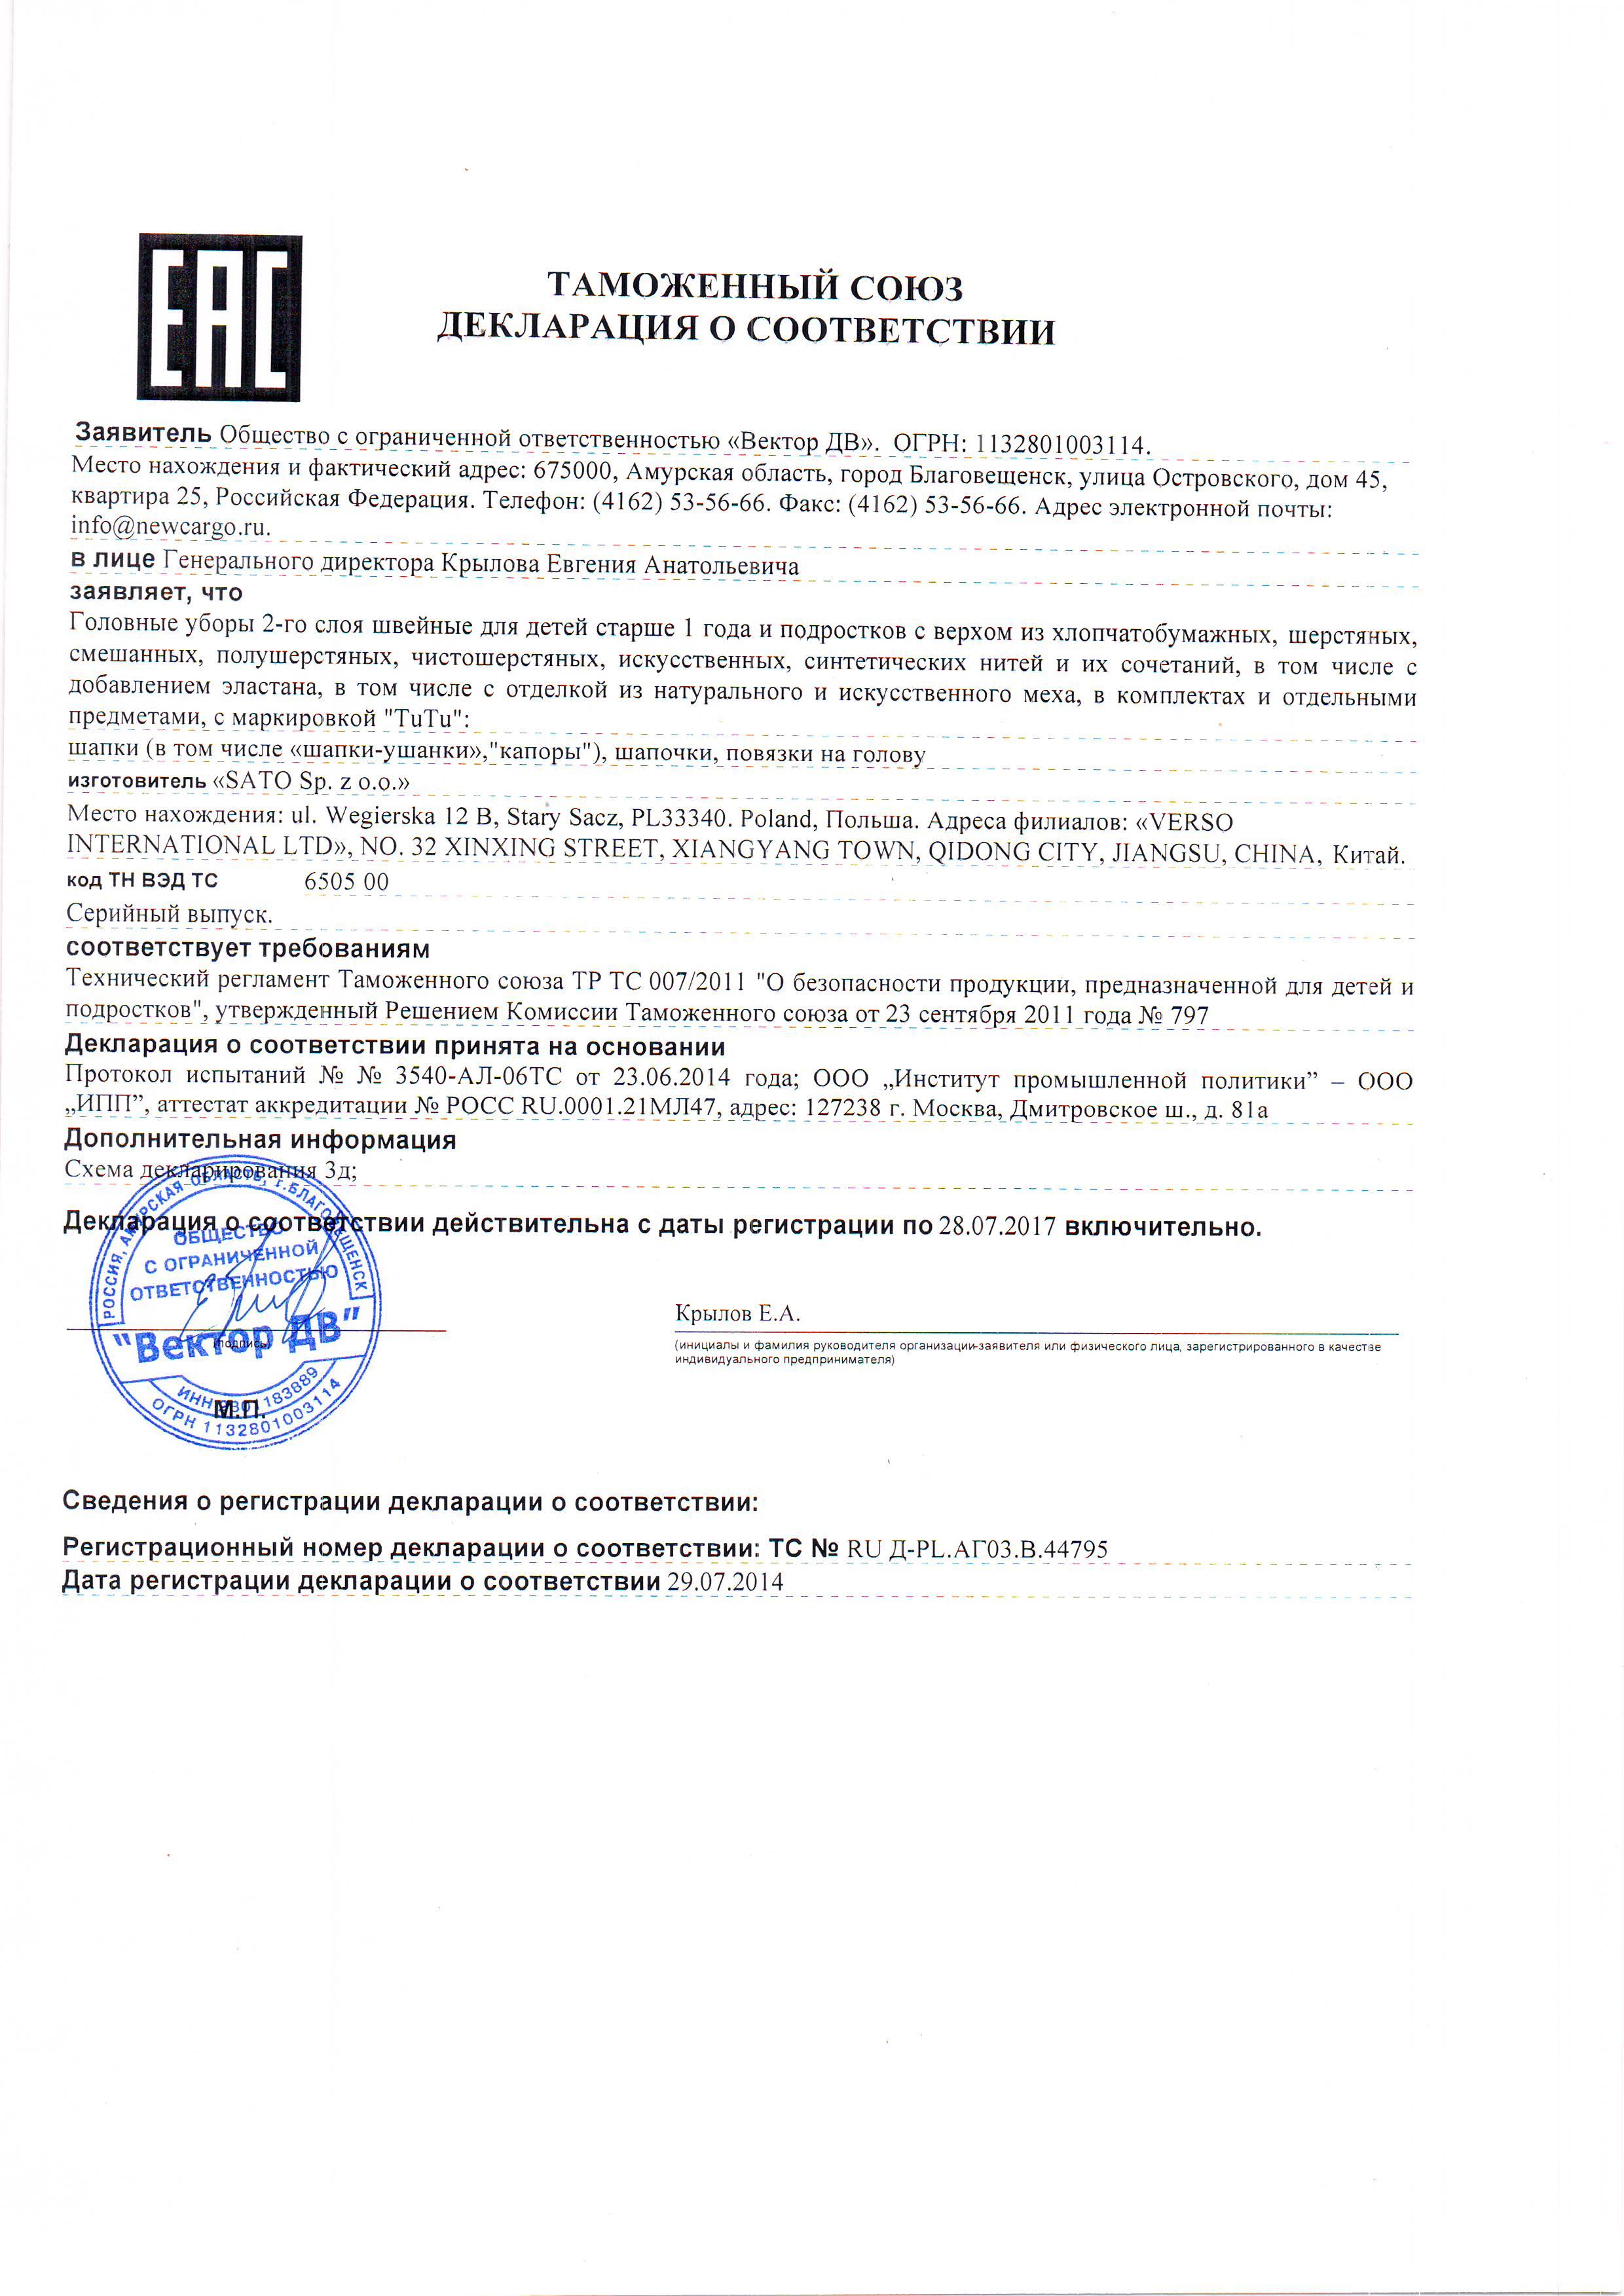 RU_Д-PL.АГ03.В.44795.JPG